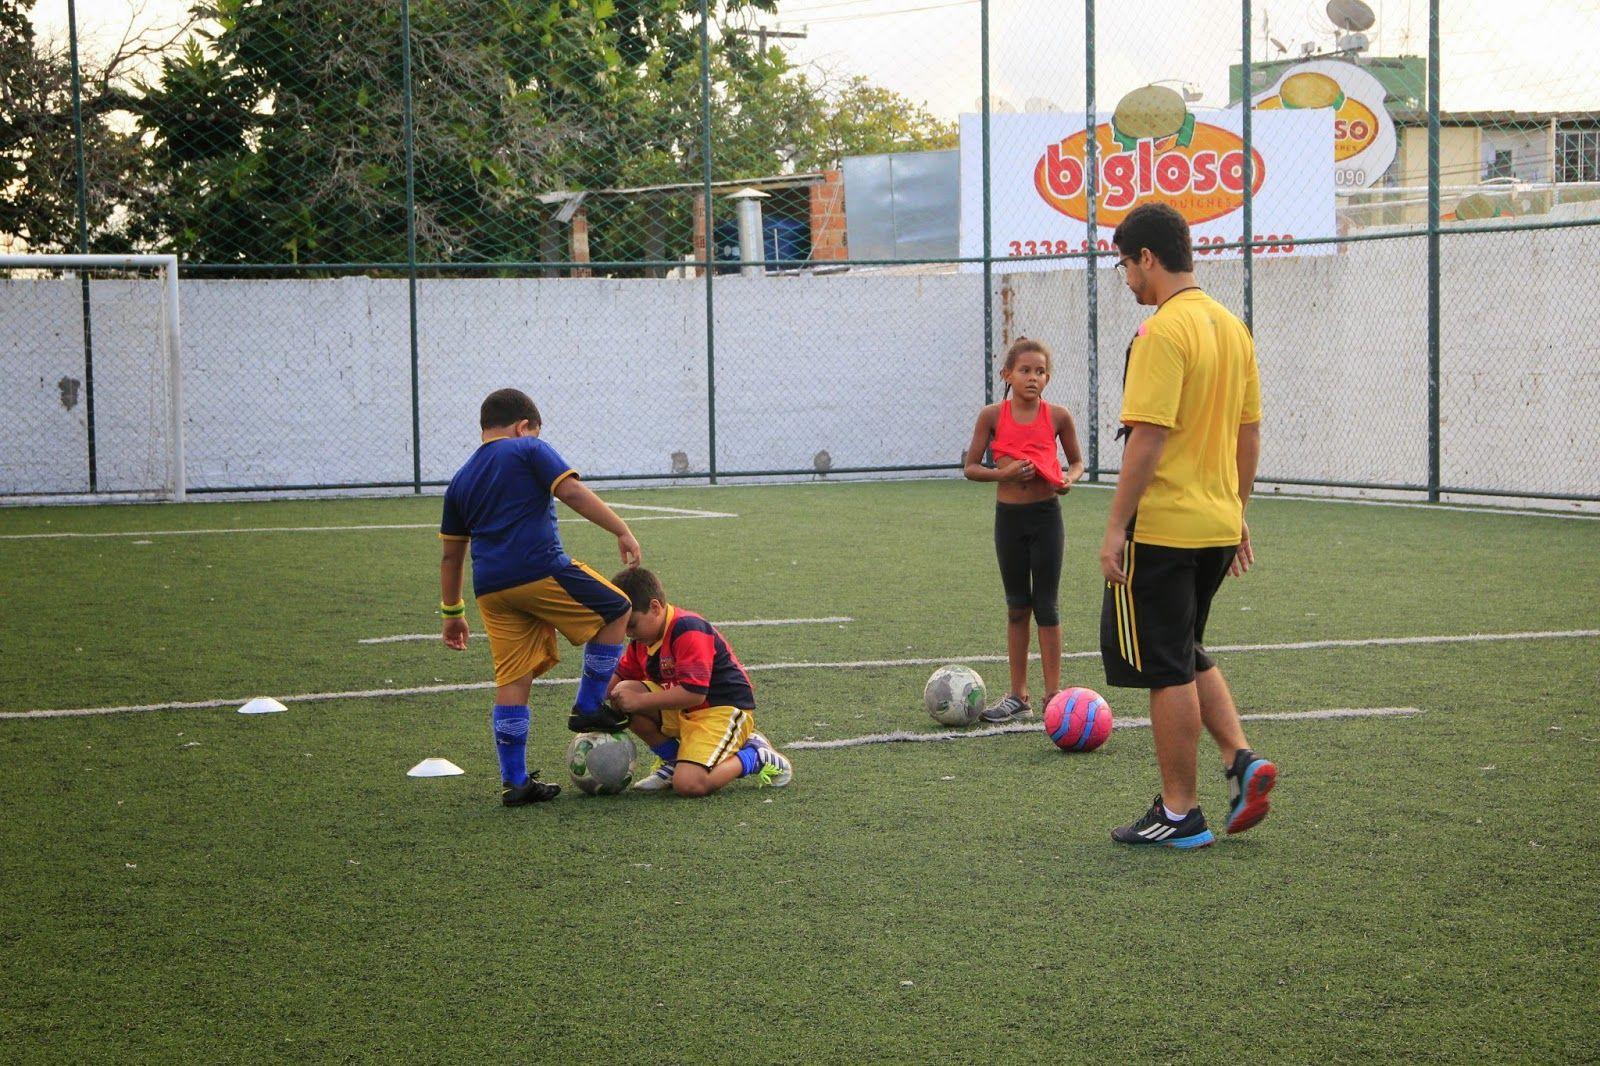 Blog da jornalista Olívia de Cássia © : Atividades físicas devem ser estimuladas desde os ...